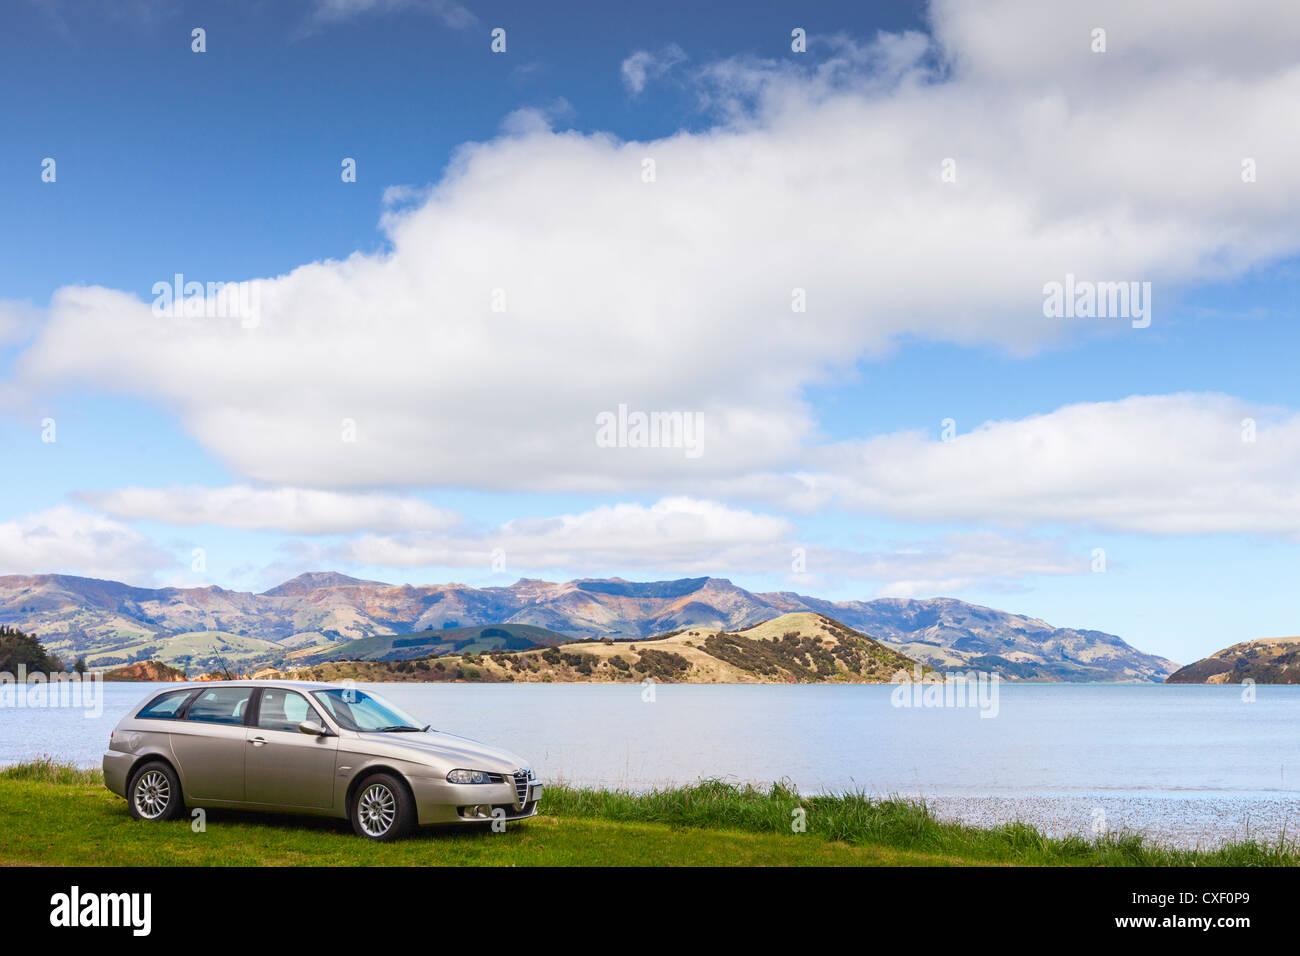 Champagner farbige Alfa Romeo 156 Sportwagon, parkte neben Akaroa Harbour in New Zealand. Stockbild